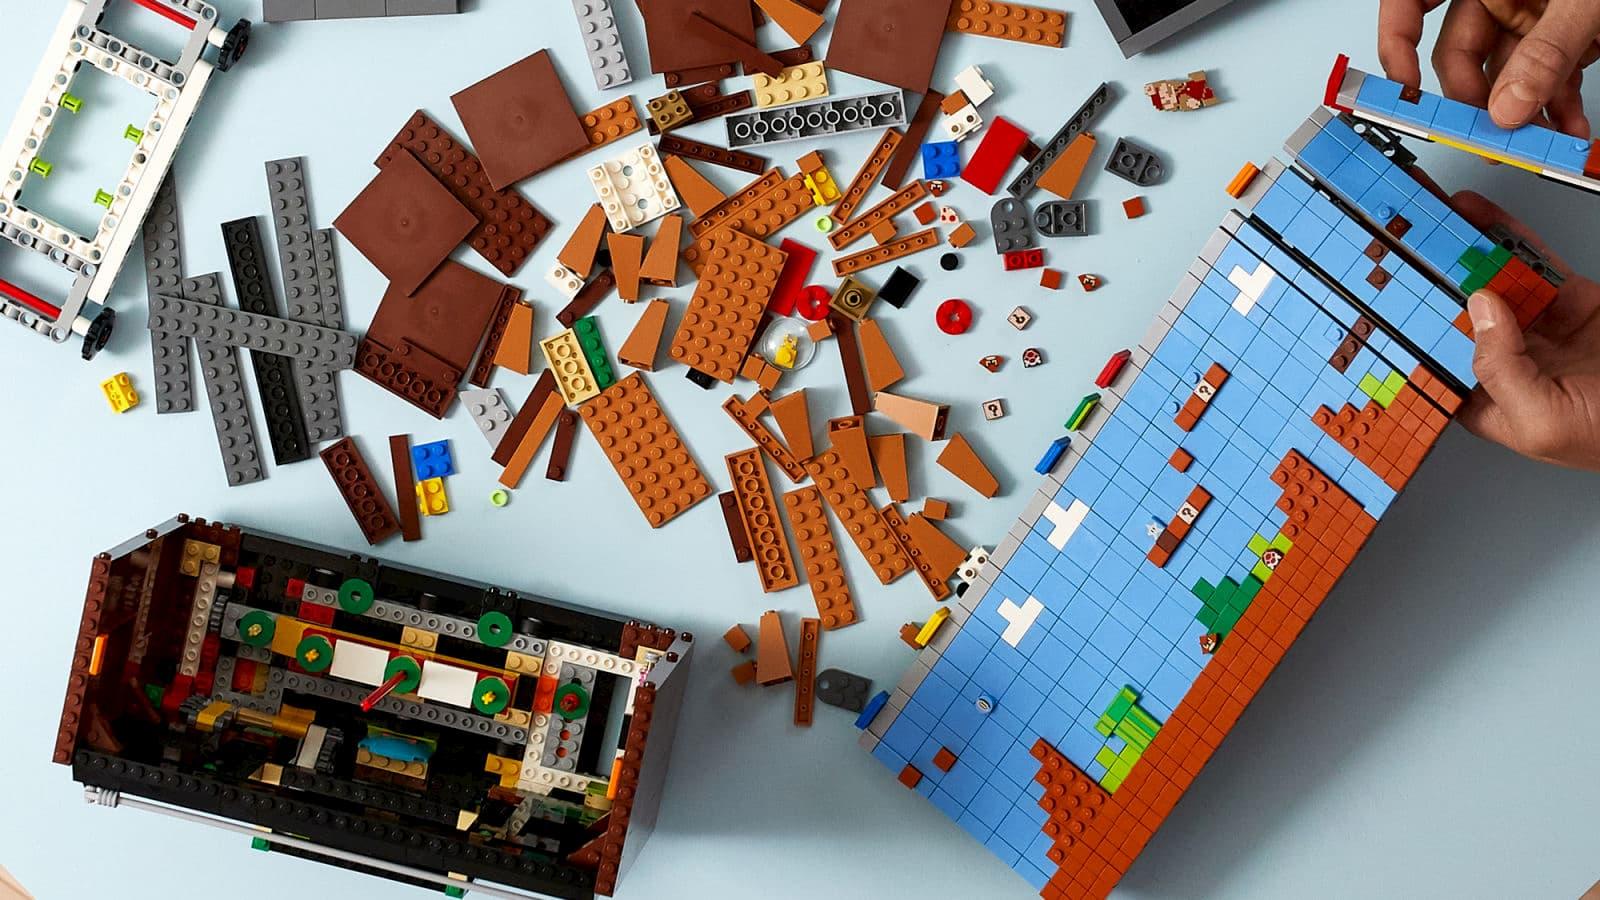 Uma inteligente esteira de Lego virada de lado recria o primeiro nível do Super Mario Bros